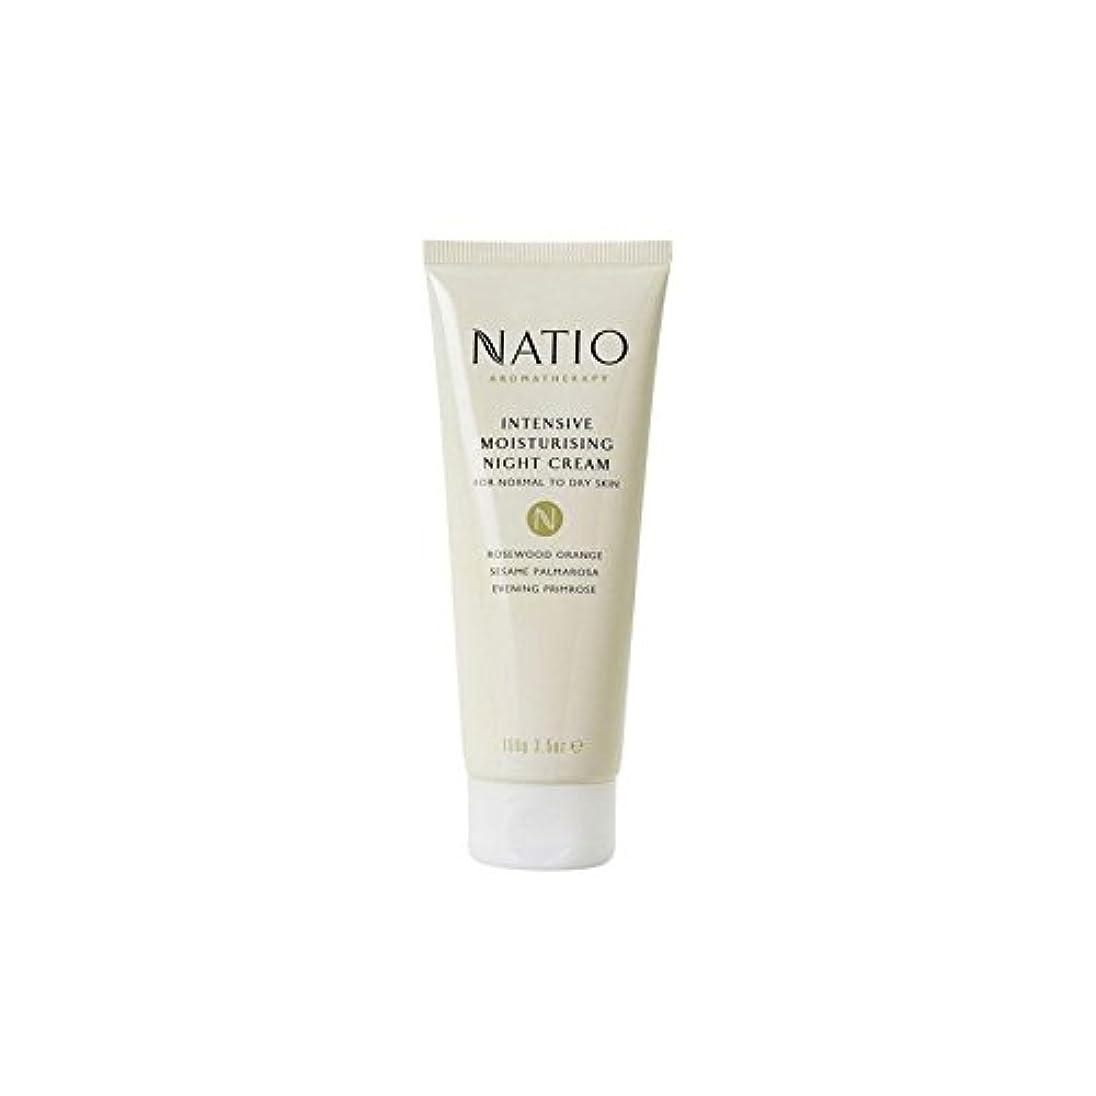 組軽く腹集中的な保湿ナイトクリーム(100グラム) x2 - Natio Intensive Moisturising Night Cream (100G) (Pack of 2) [並行輸入品]